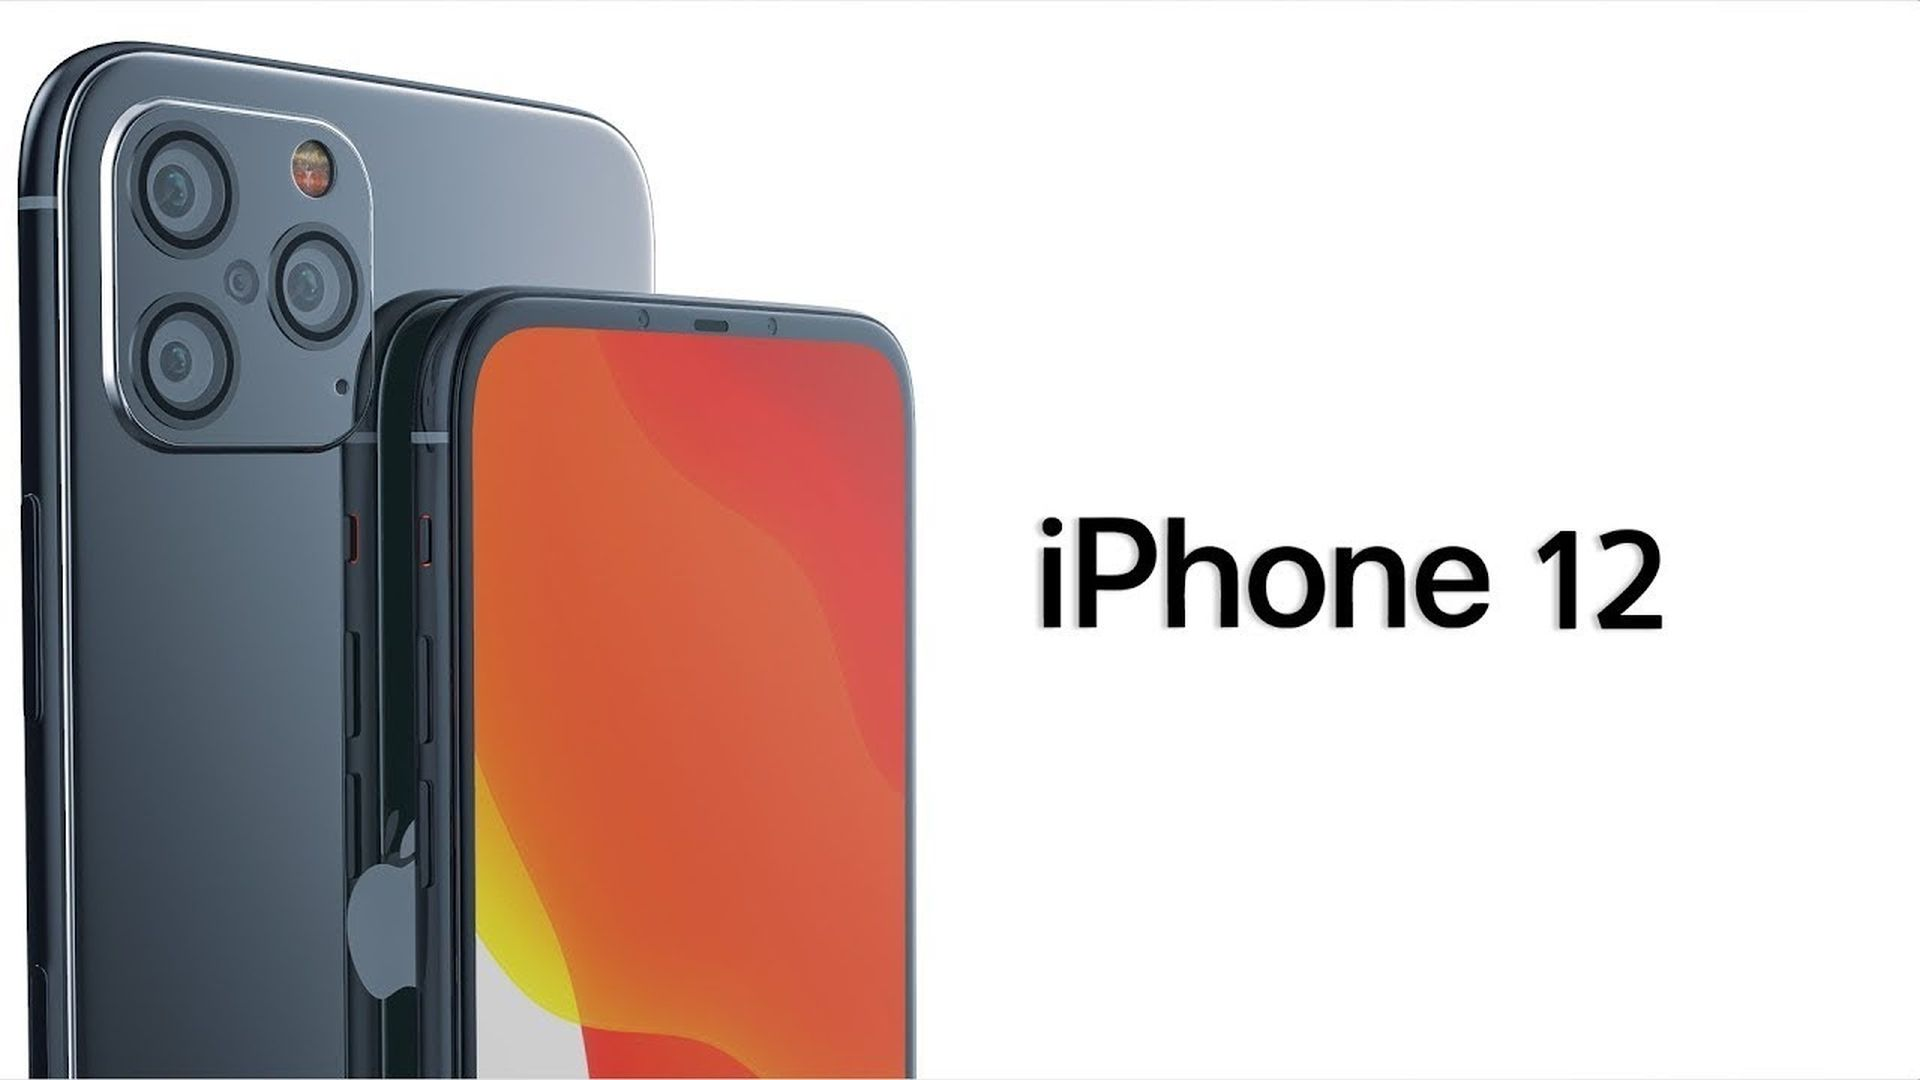 Prawdopodobne daty premiery iPhone'ów w 2020 roku